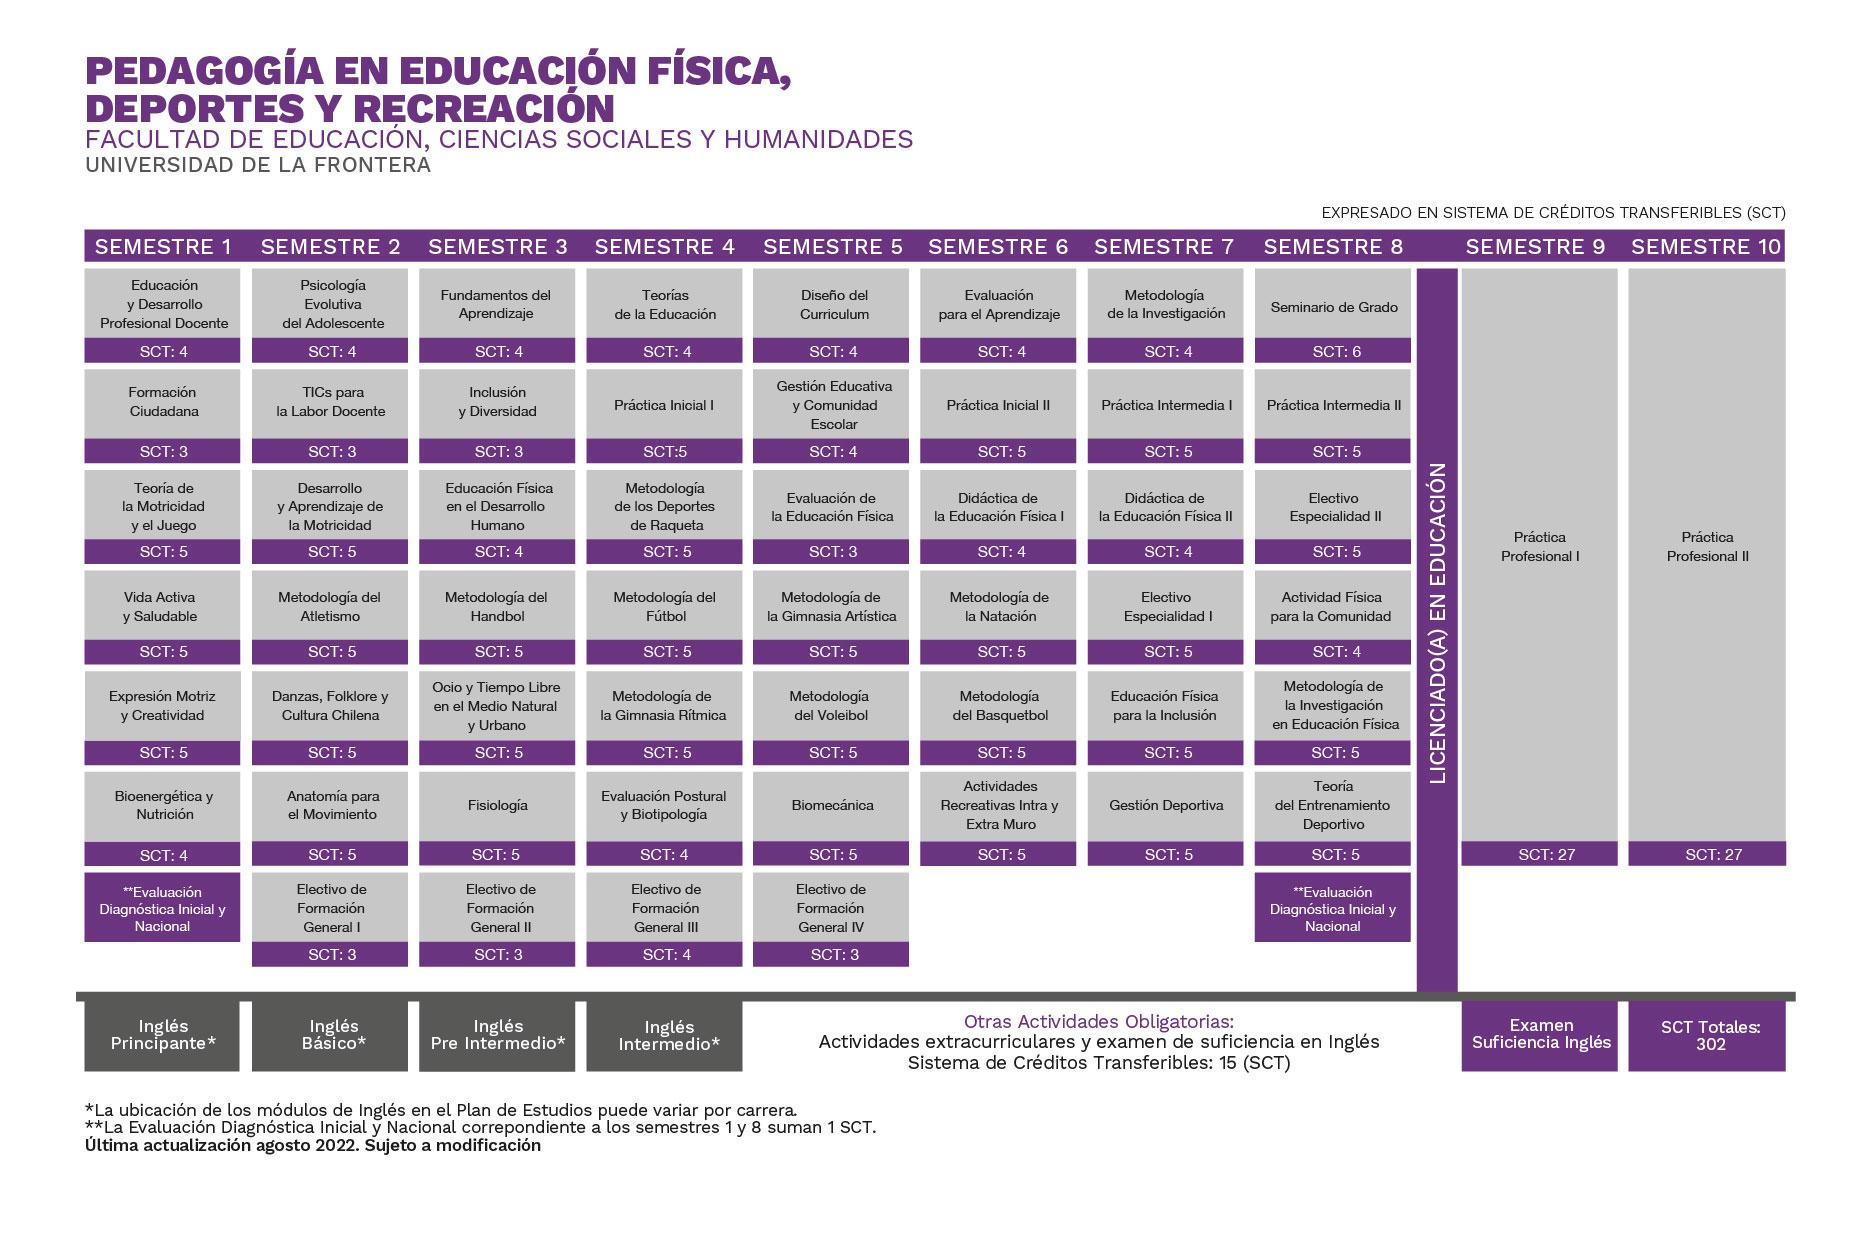 Plan de Estudios Pedagogía en Educación Física, Deportes y Recreación